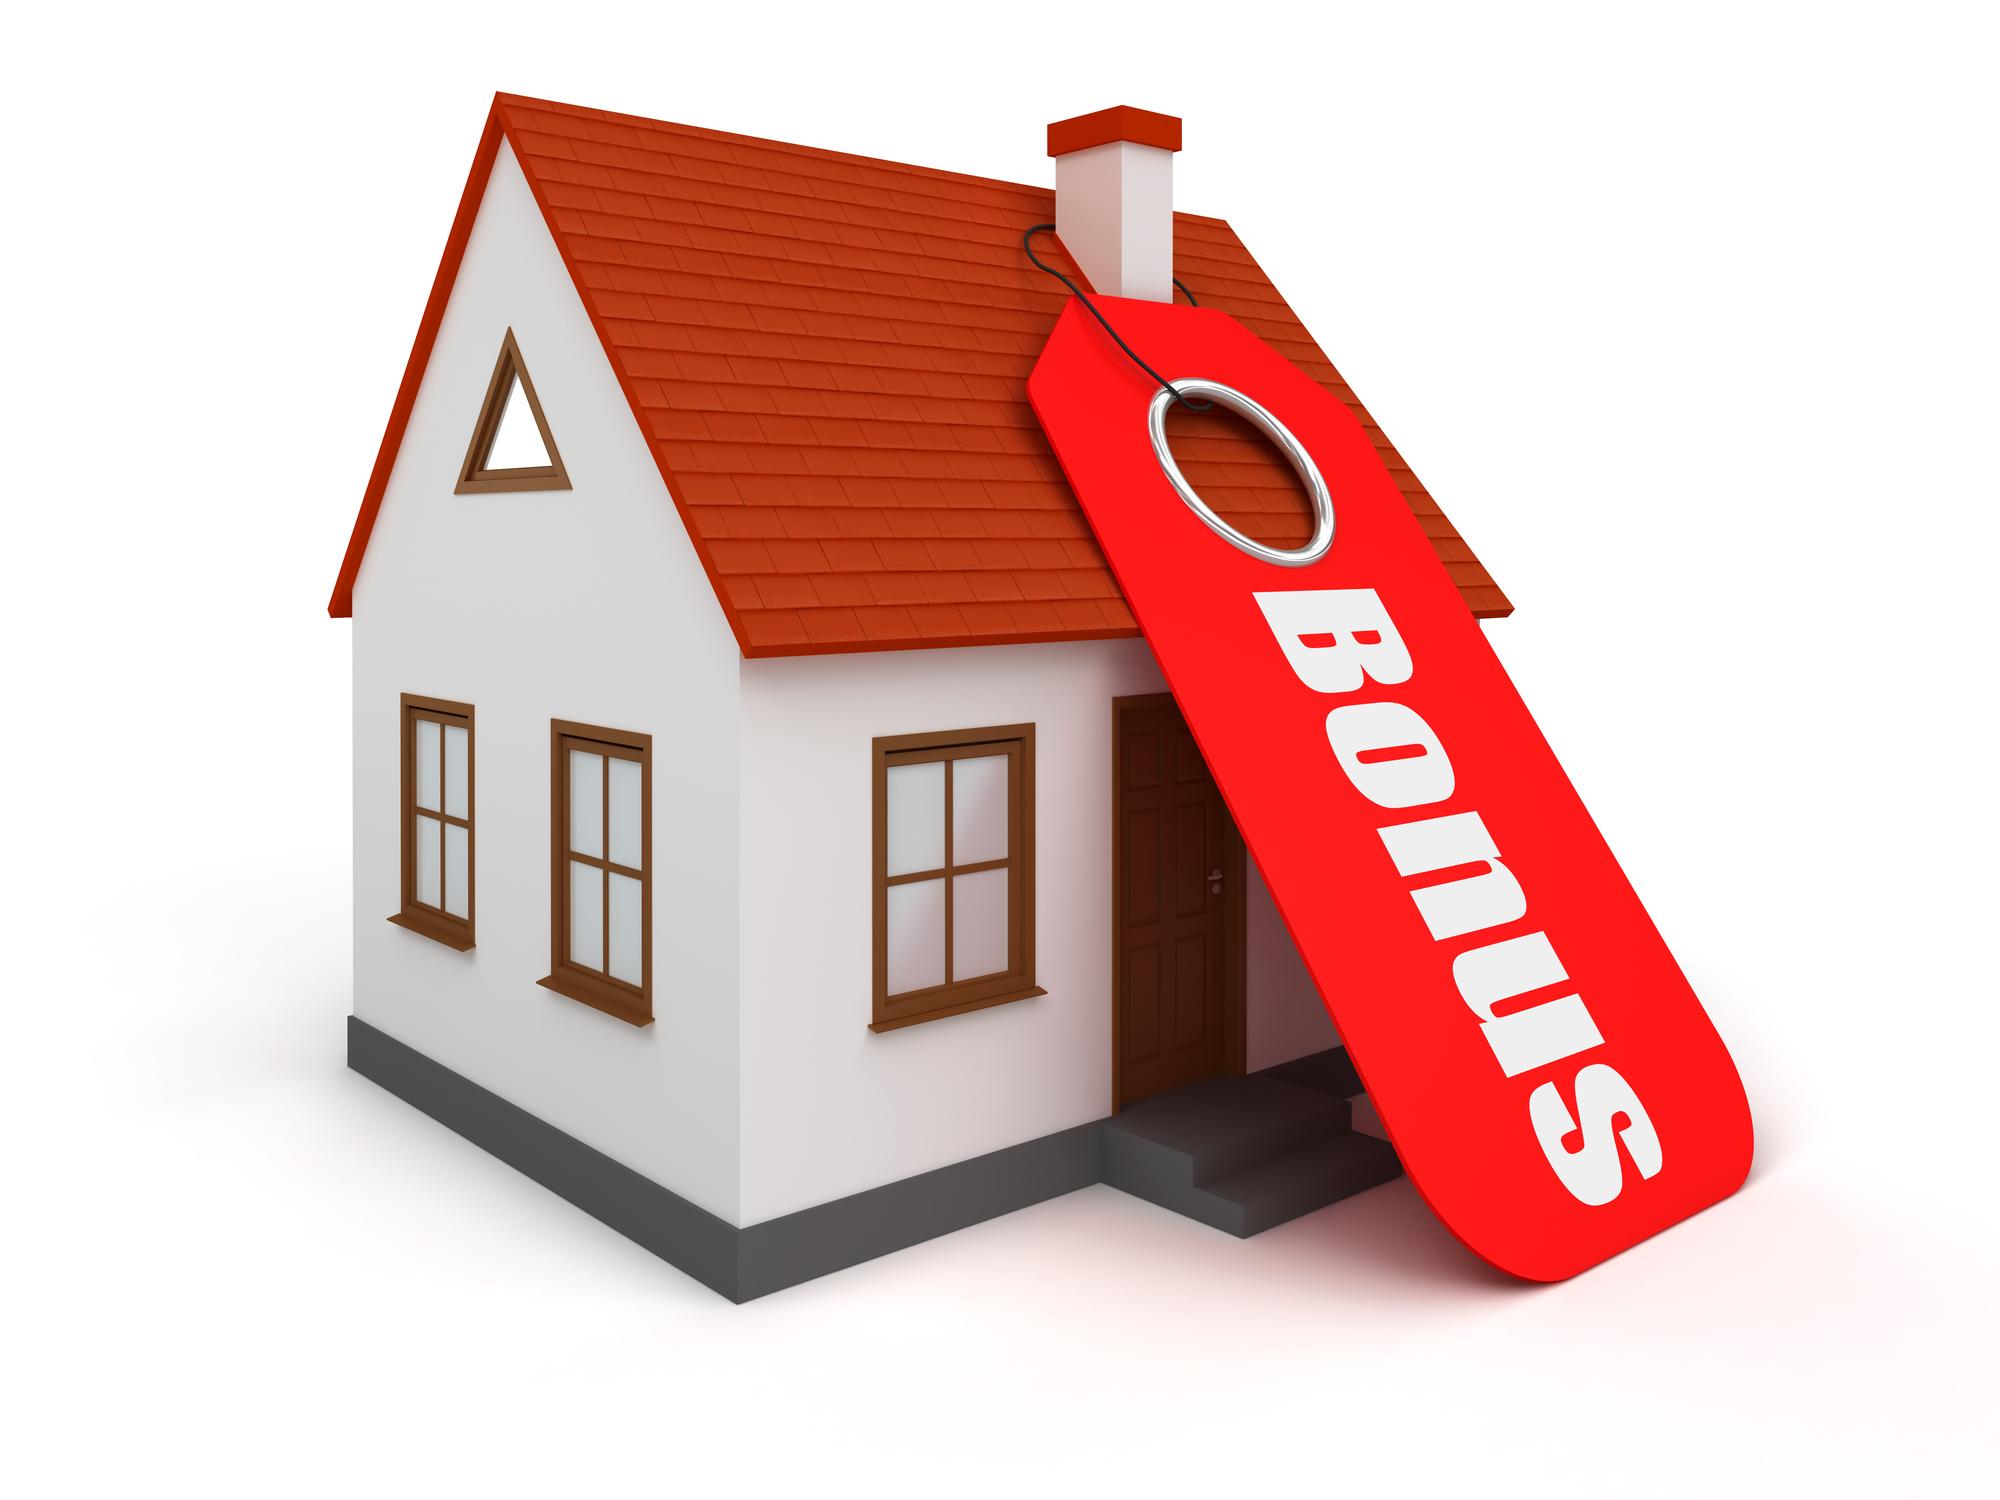 Casa, le ristrutturazioni a costo zero con ecobonus e sismabonus al 110%